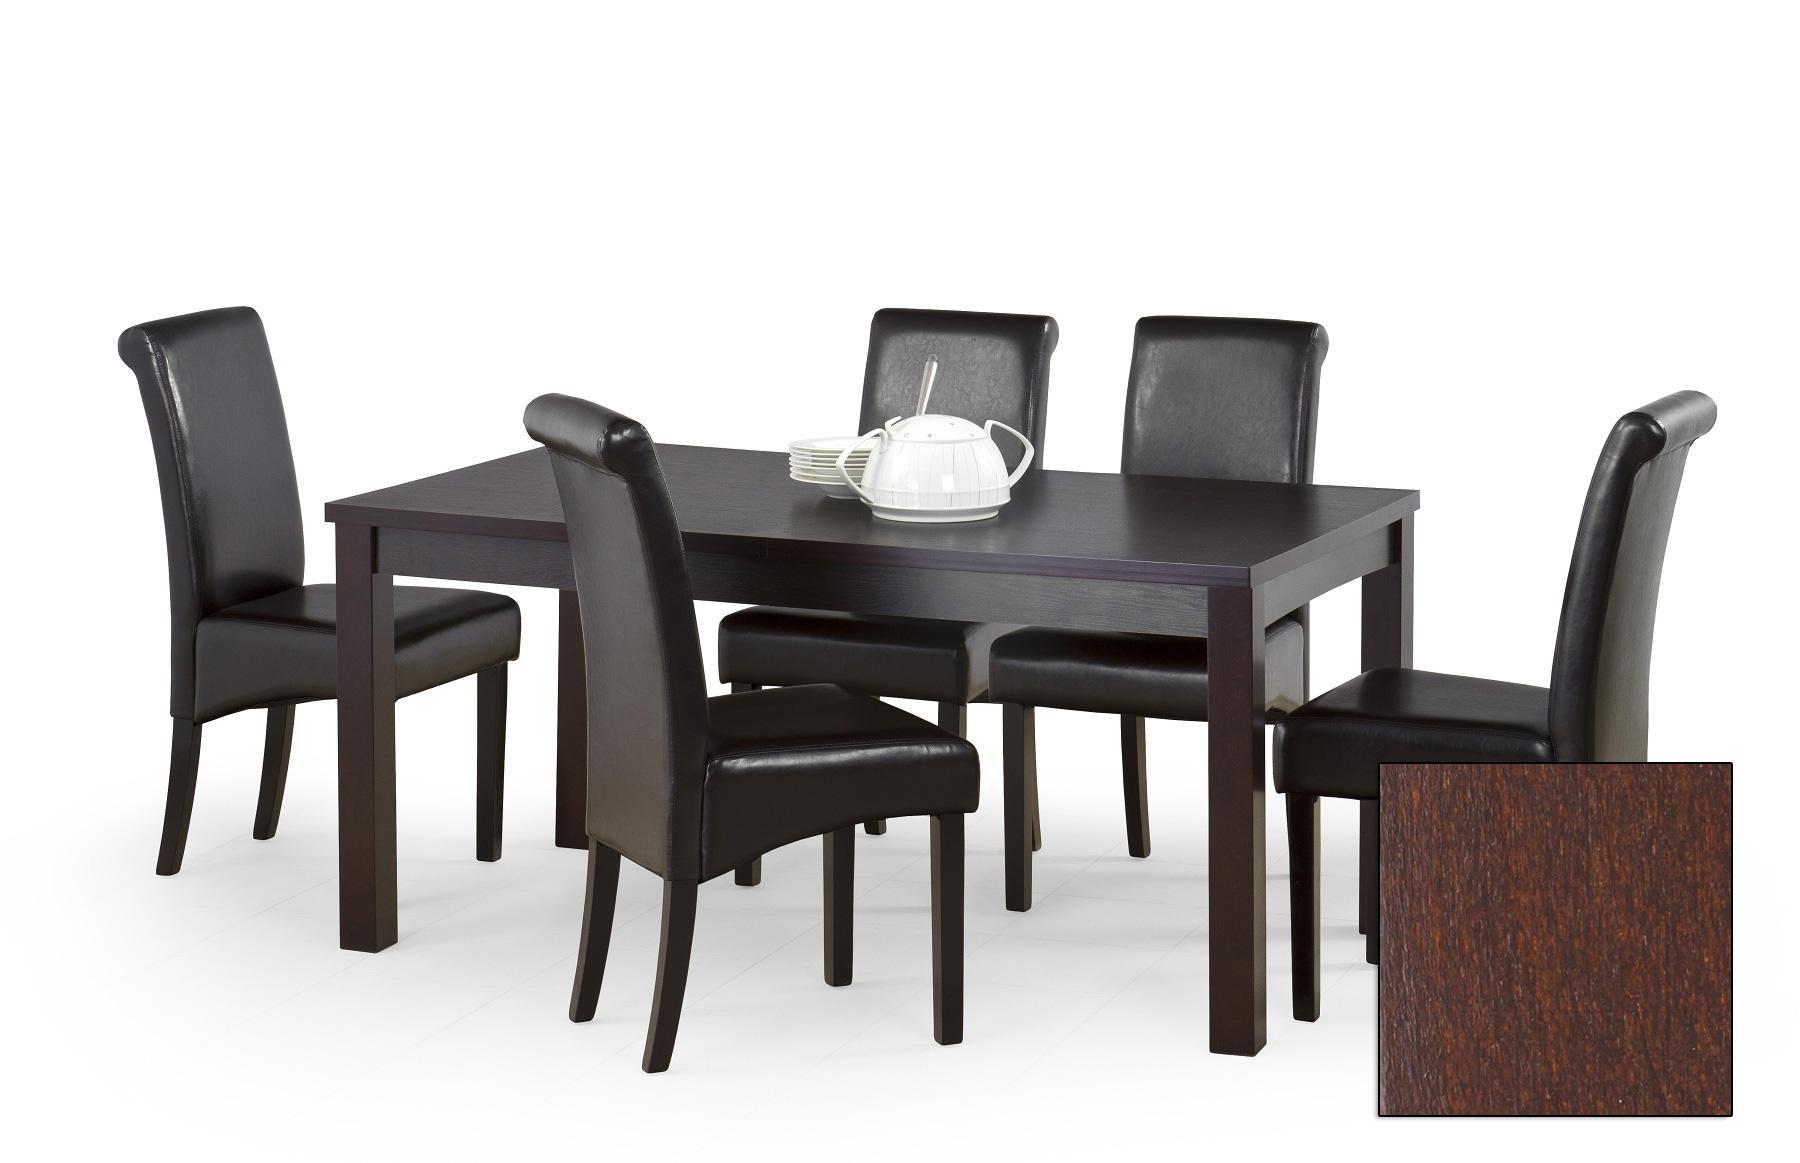 Alice 2 160 200 cm naturlig fanér bord mörk valnöt 2495 kr Trendrum se